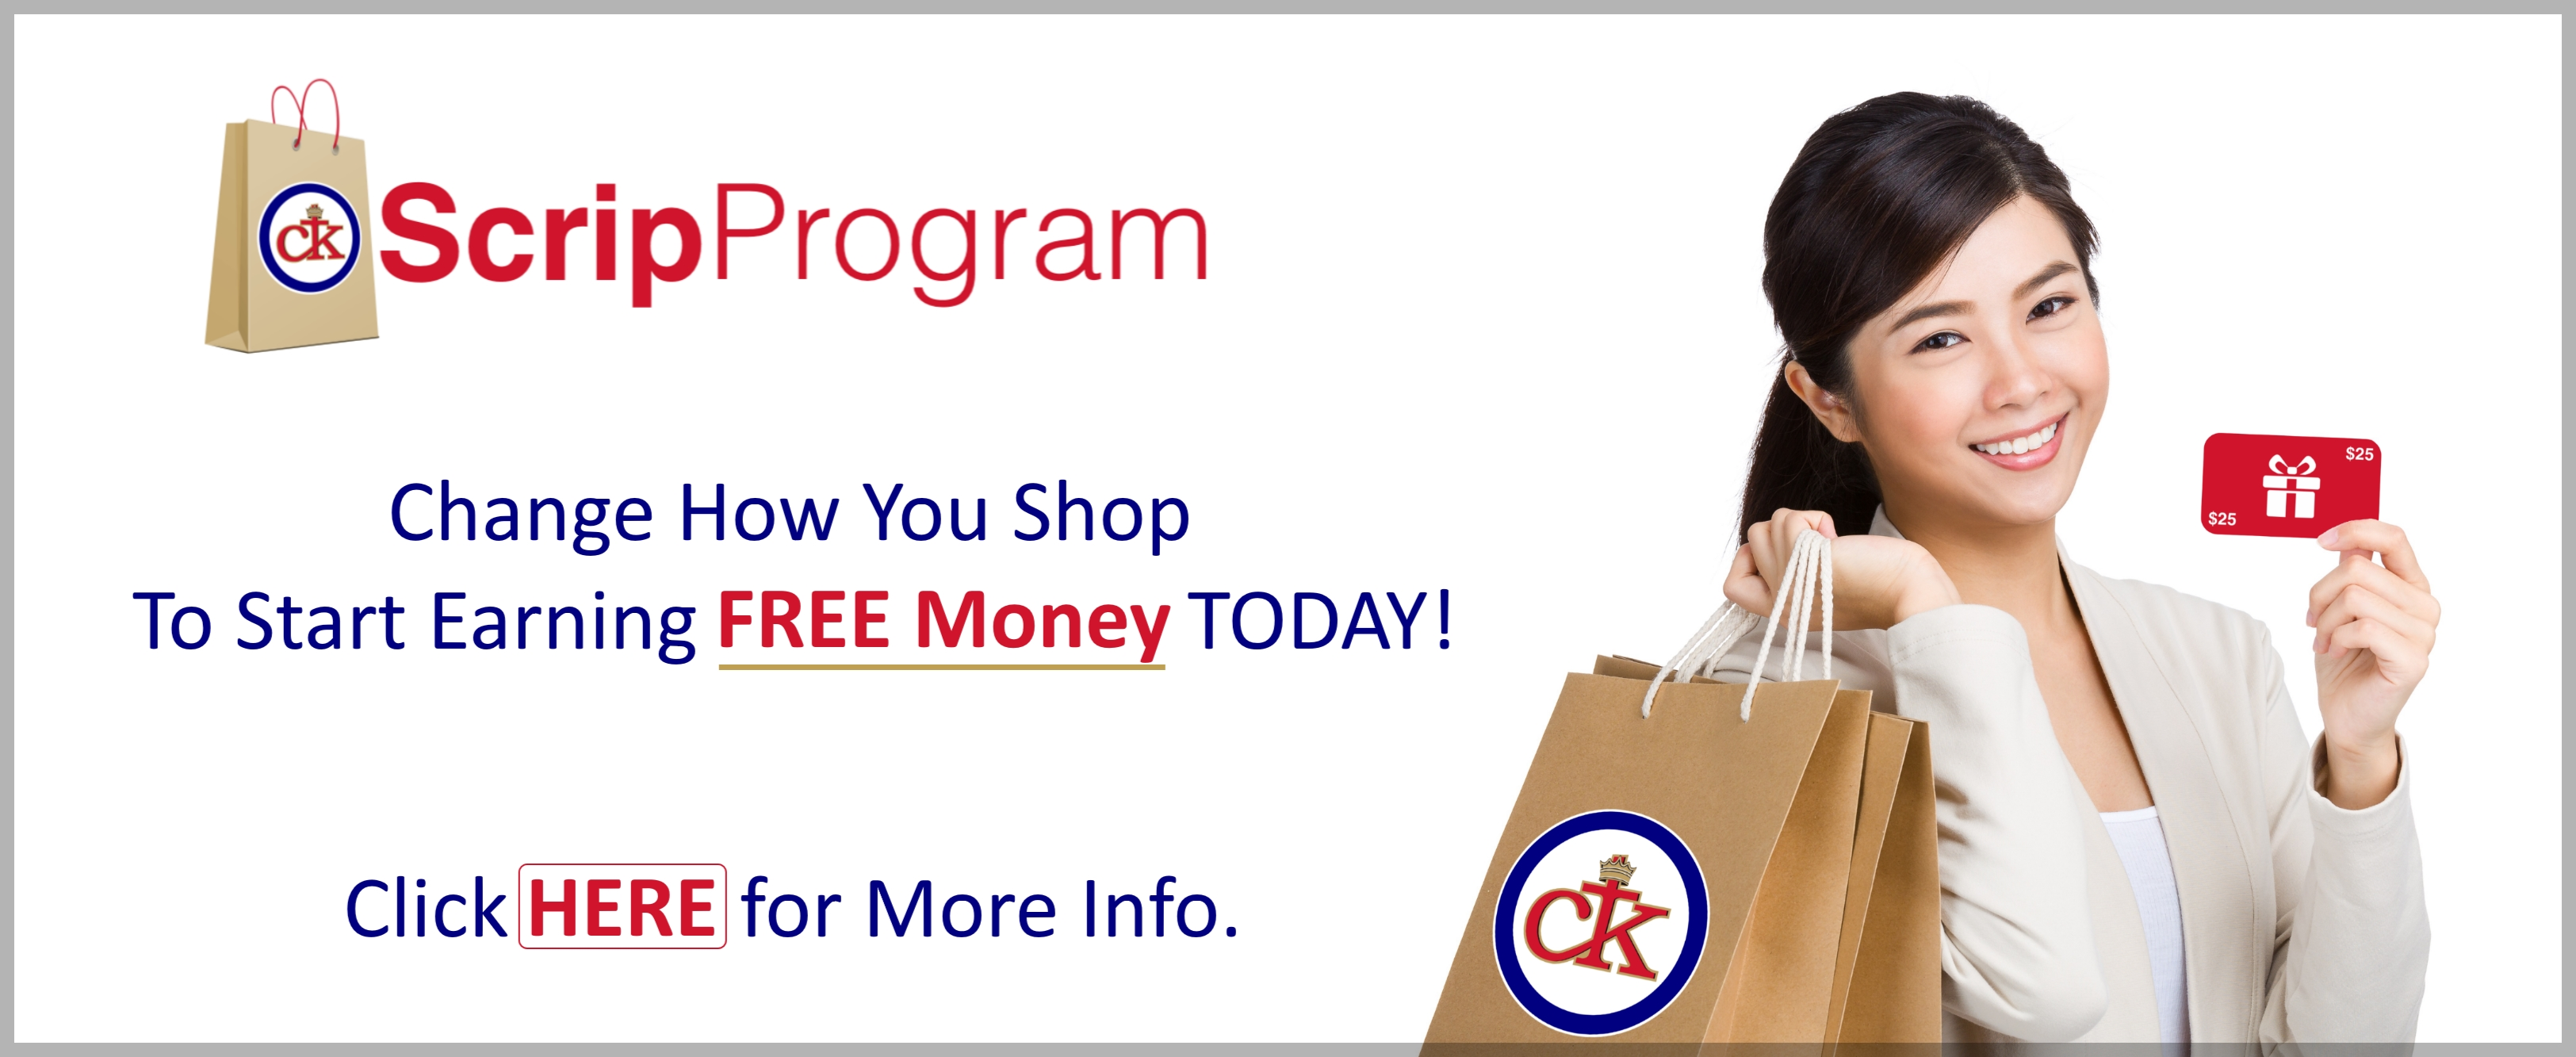 2016-0805 – CTK School Website Slide